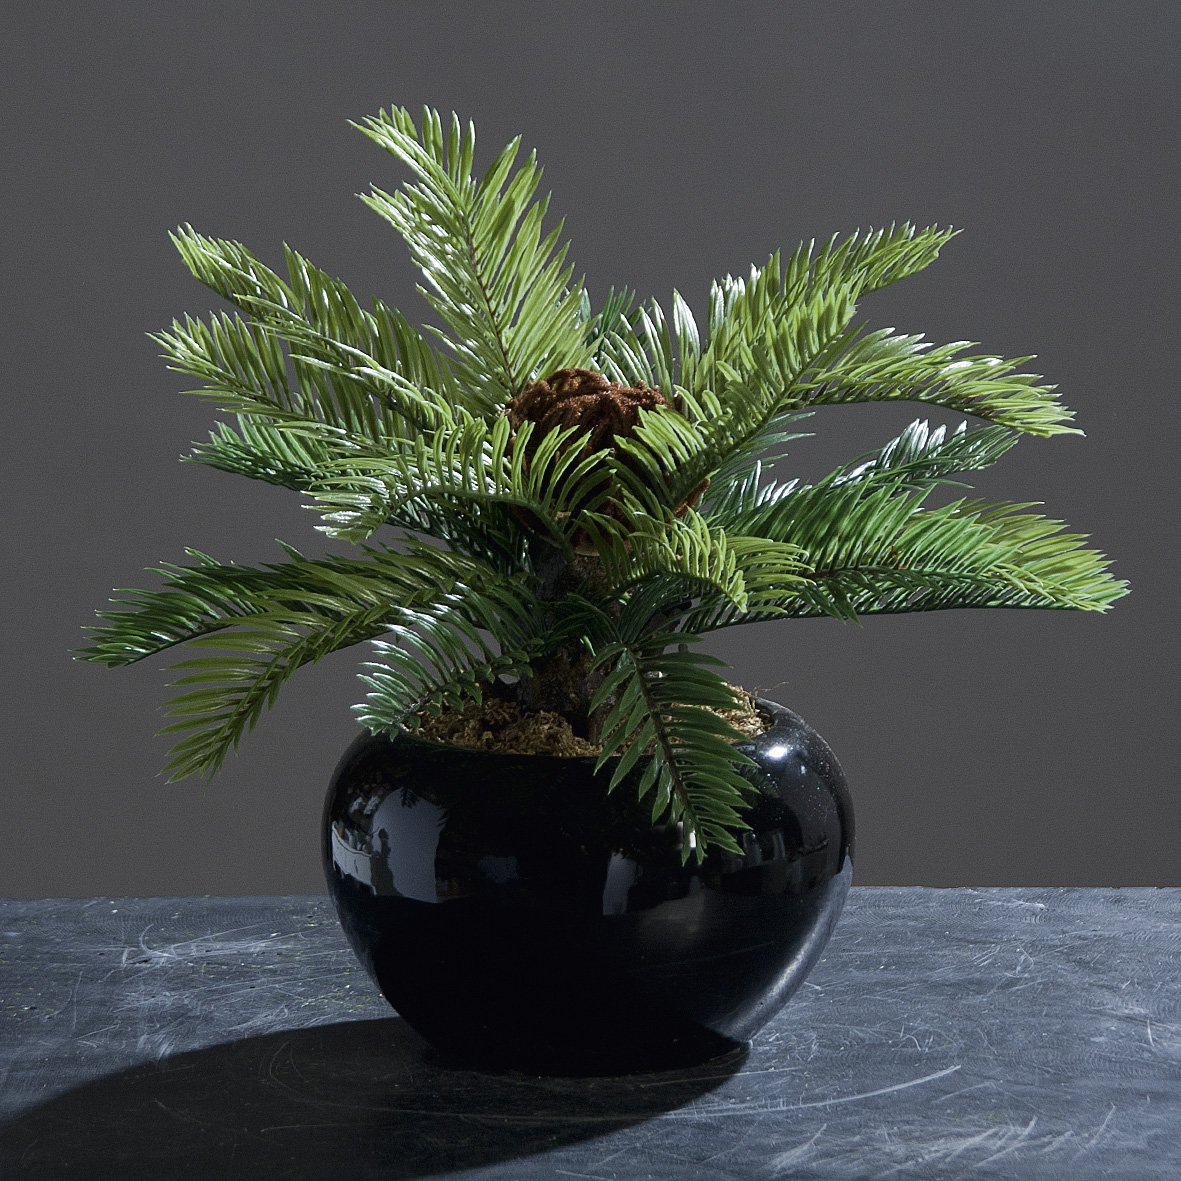 Palme im Keramiktopf Kunstpalme Kunstbaum Baum Grünpflanze Kunstpflanze, 27 cm